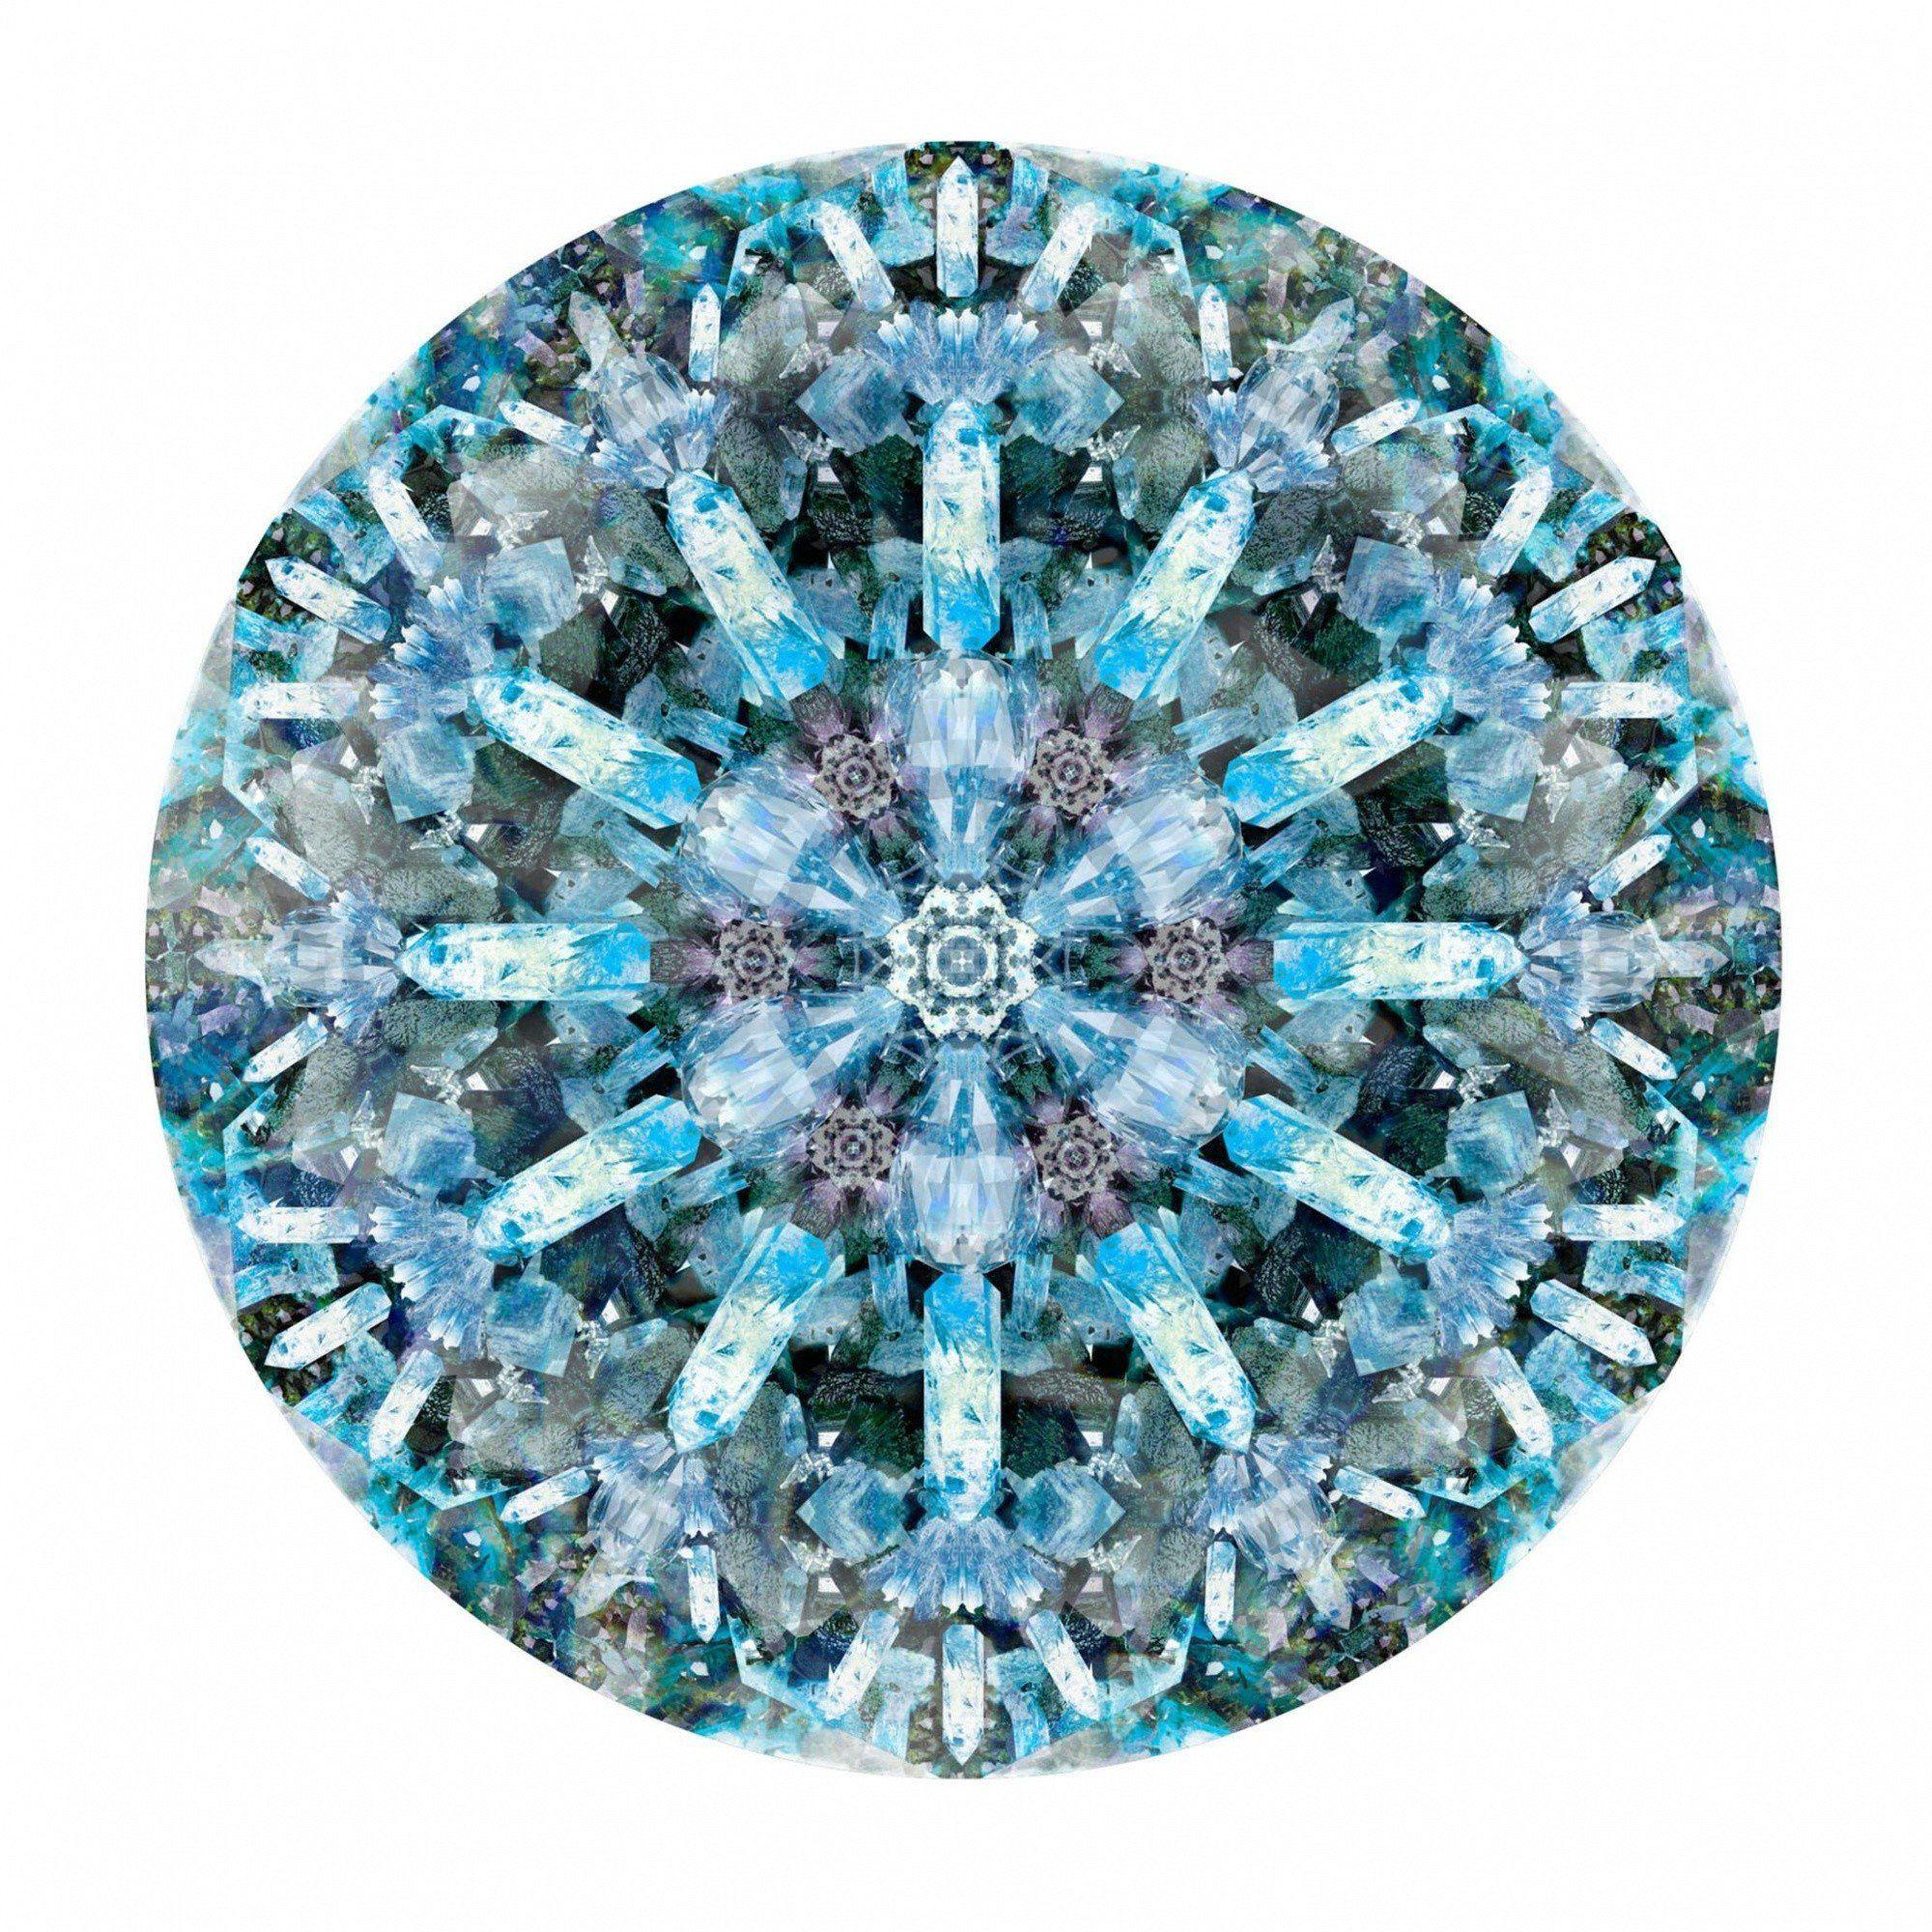 Moooi Carpets   Crystal Ice Teppich Ø350cm   Blau/schwarz